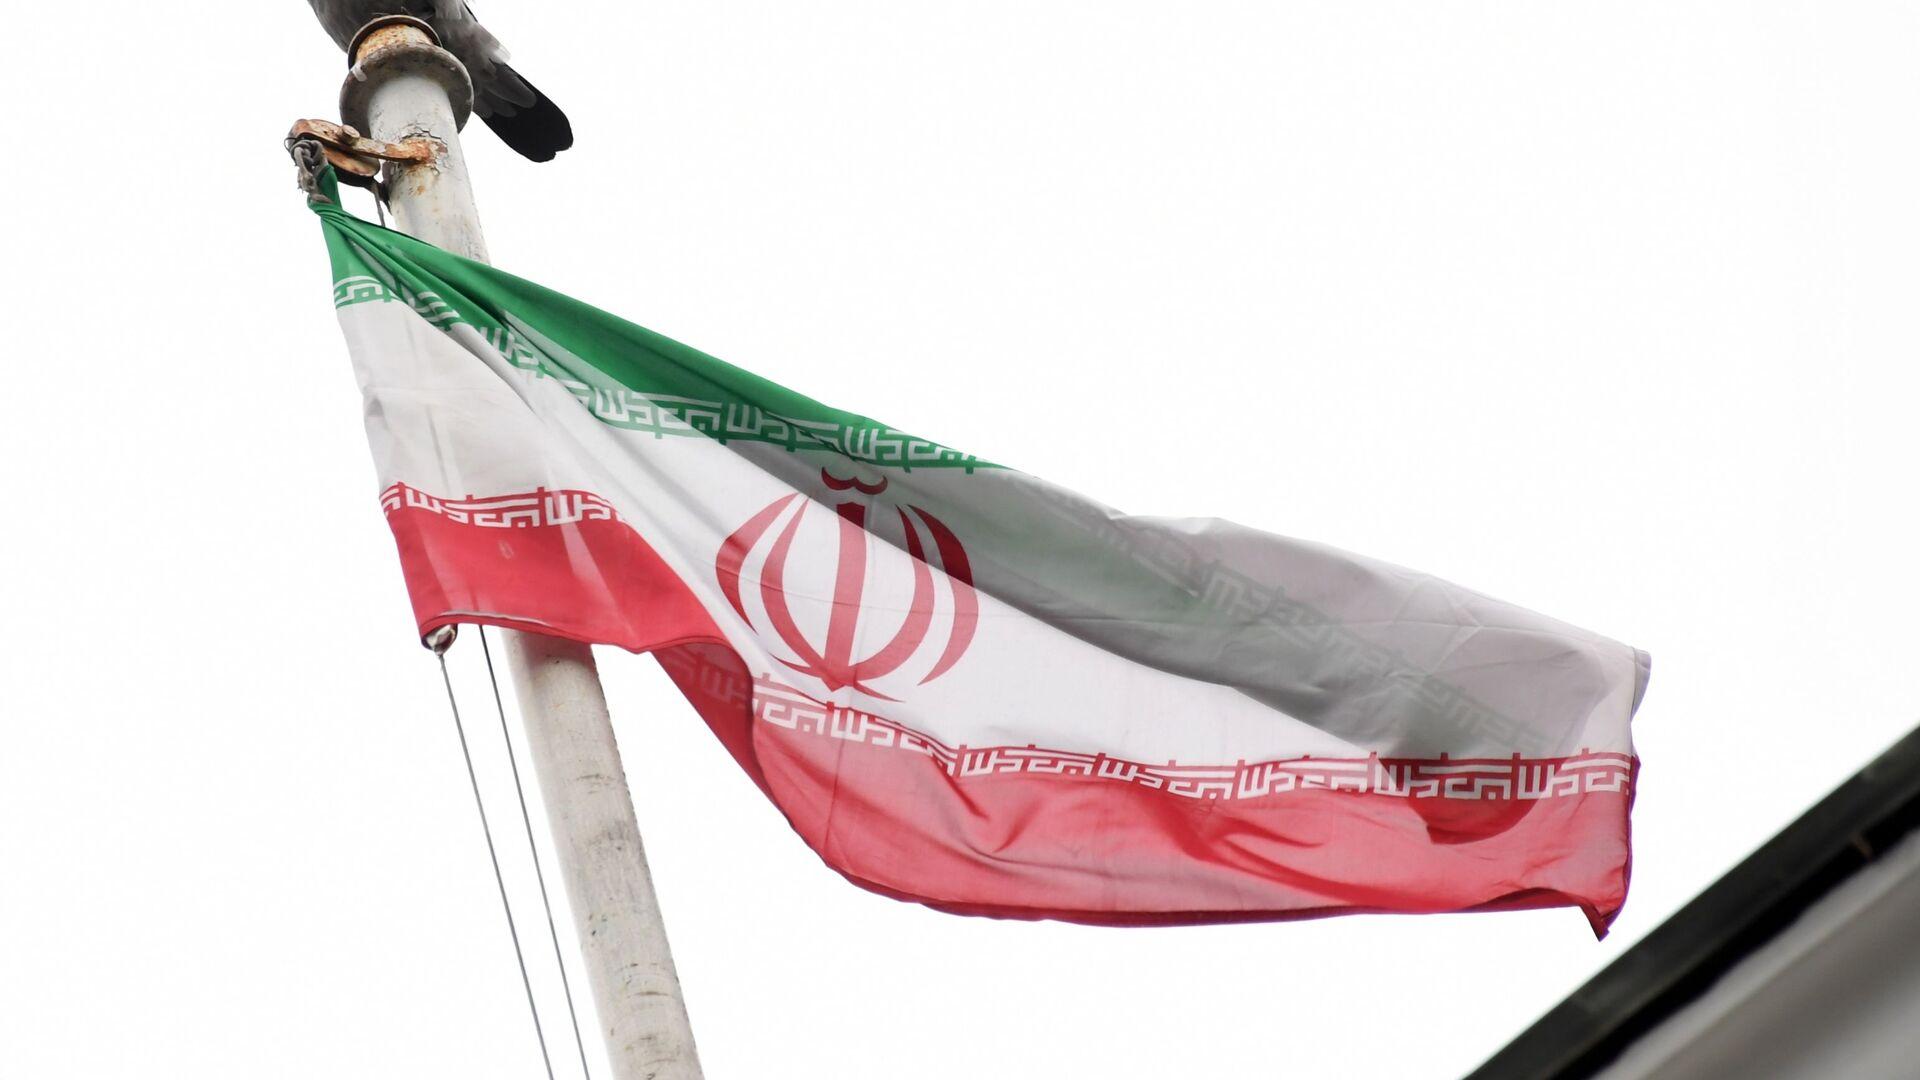 Флаг посольства Исламской Республики Иран. - Sputnik Latvija, 1920, 14.08.2021